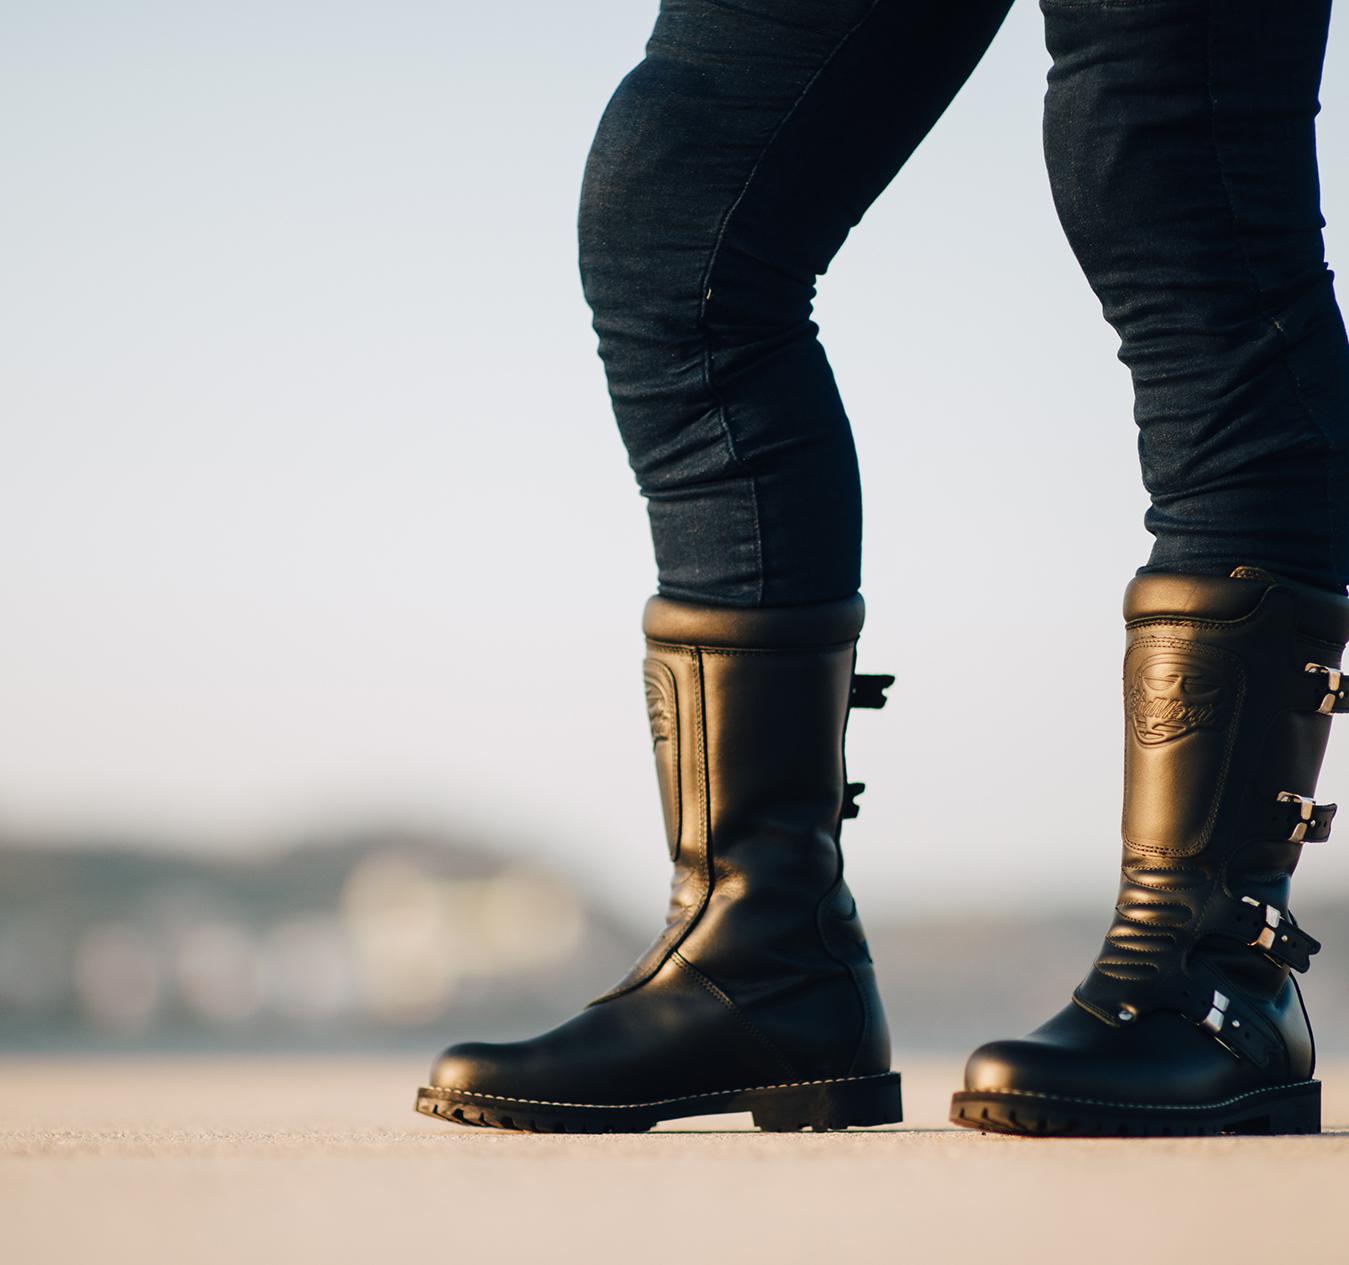 Le migliori scarpe da moto e come sceglierle